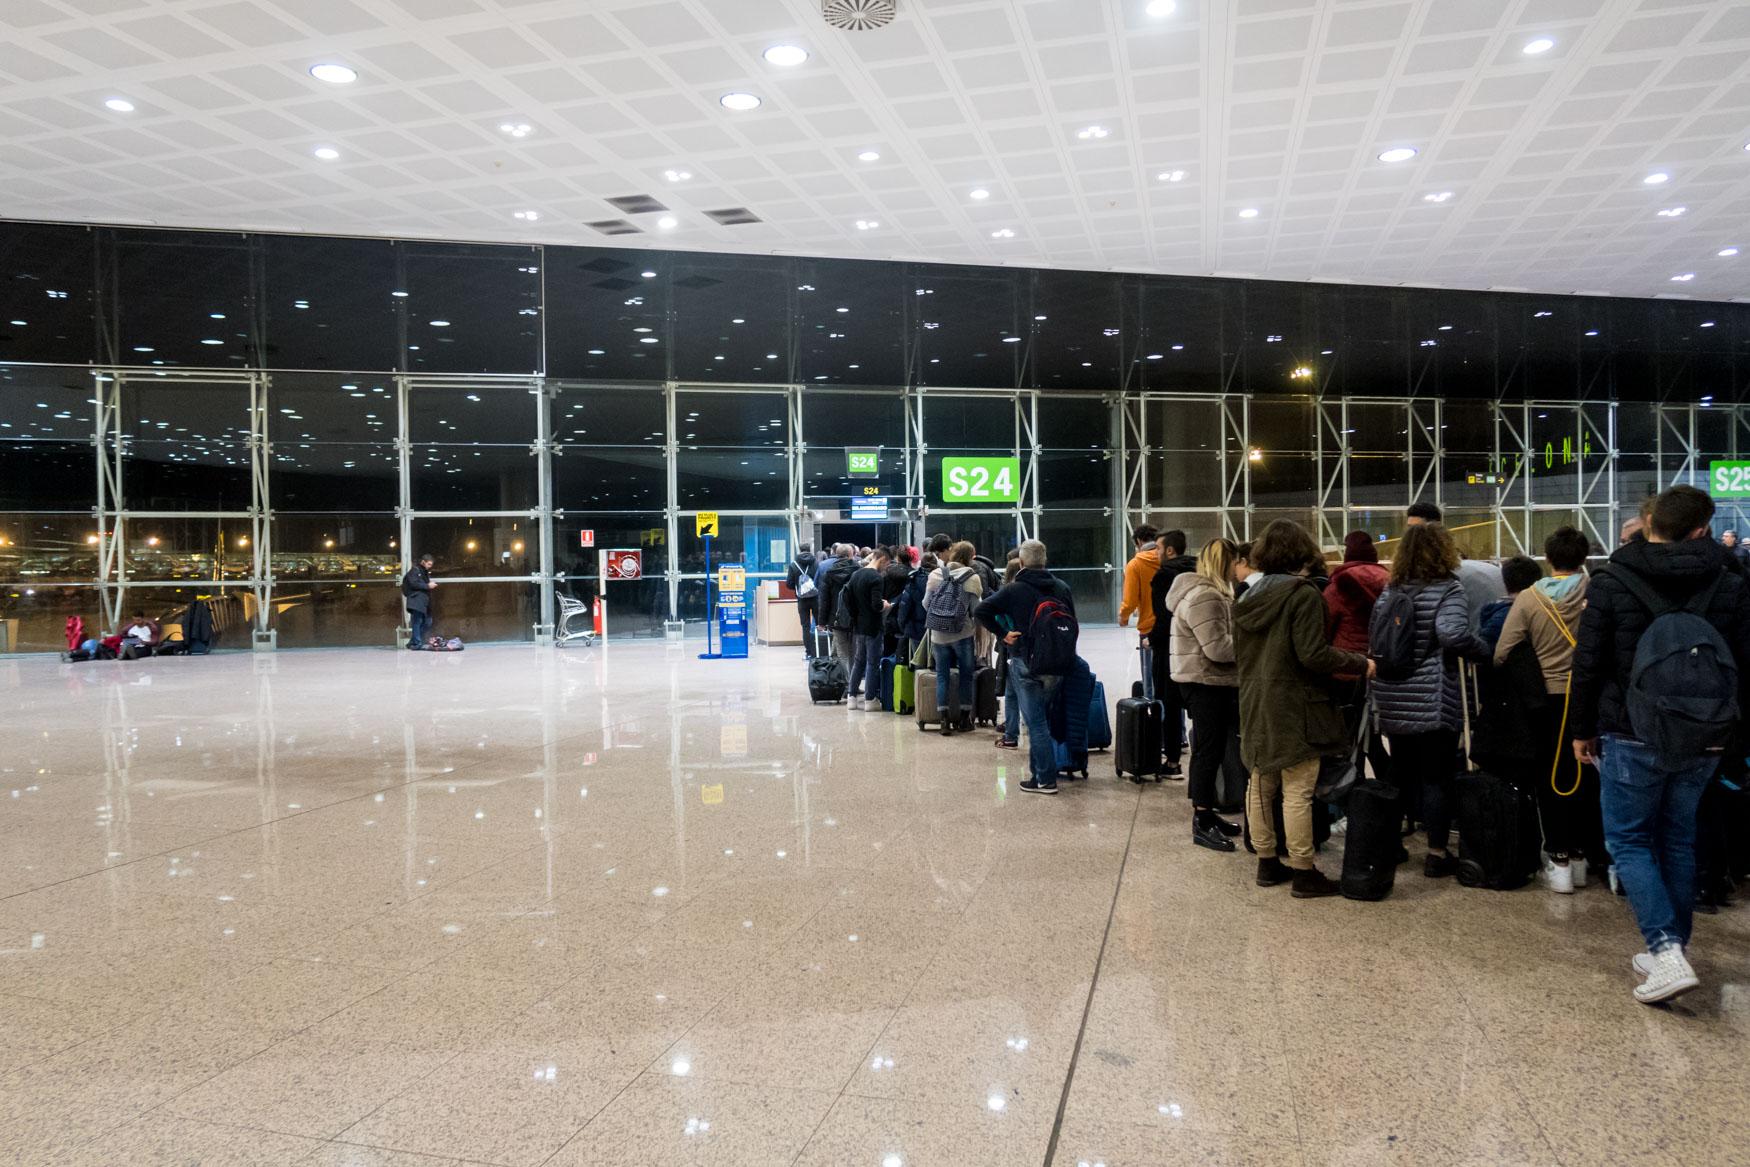 Gate S24 at El Prat Airport